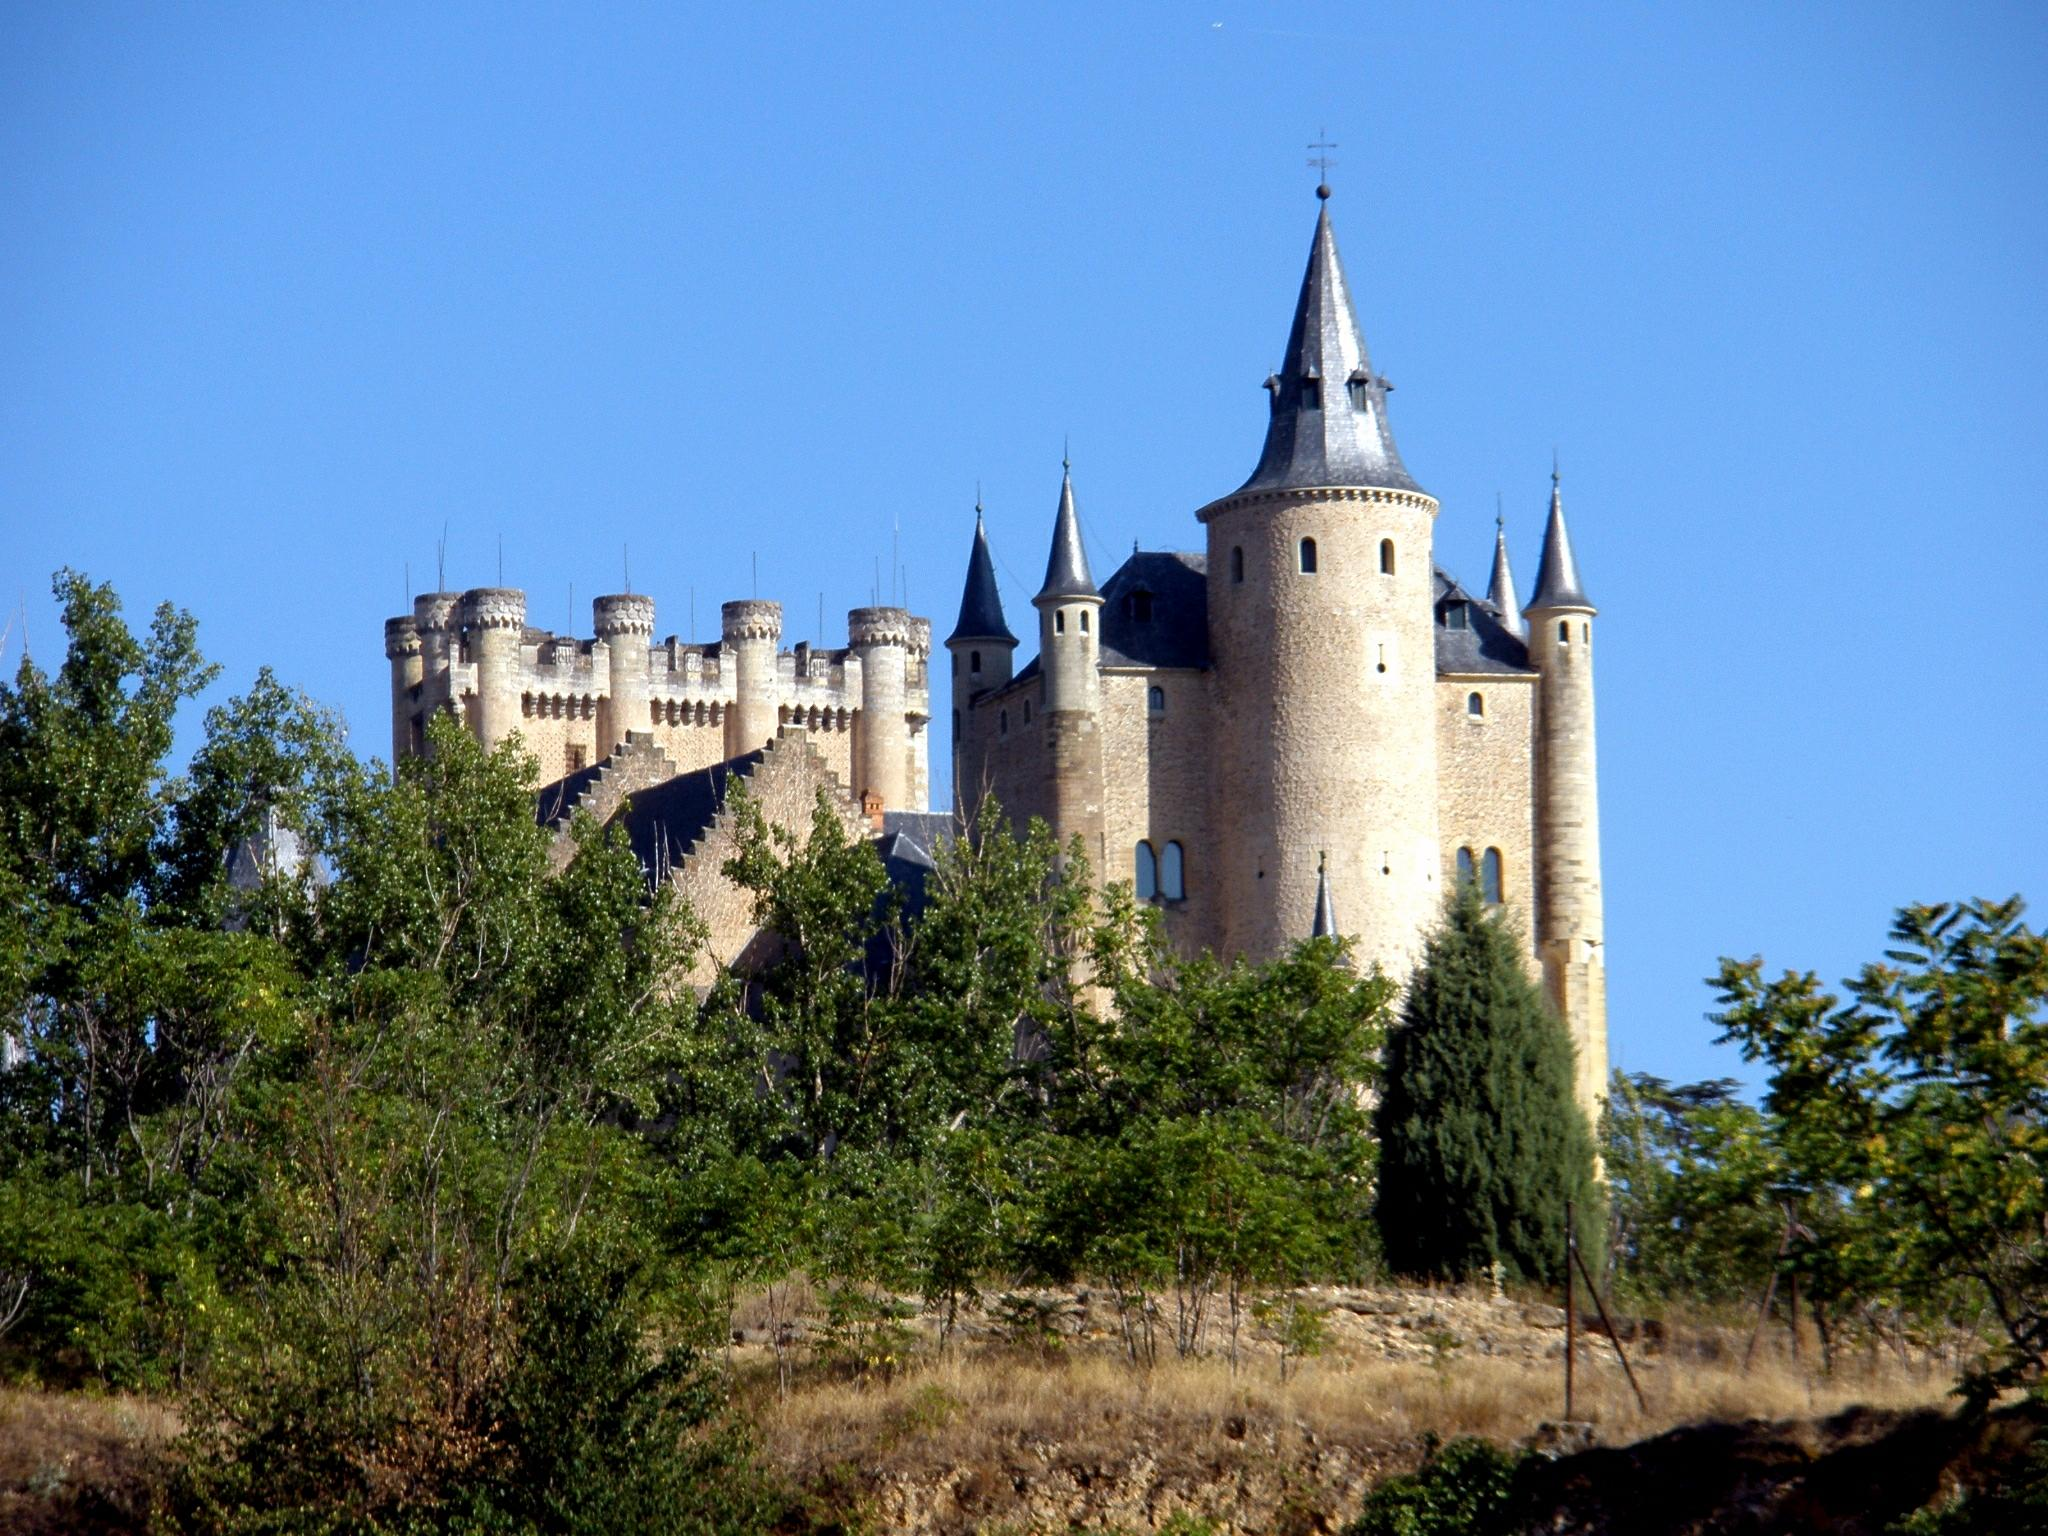 File:Segovia - Alcazar, desde la Fuencisla.jpg